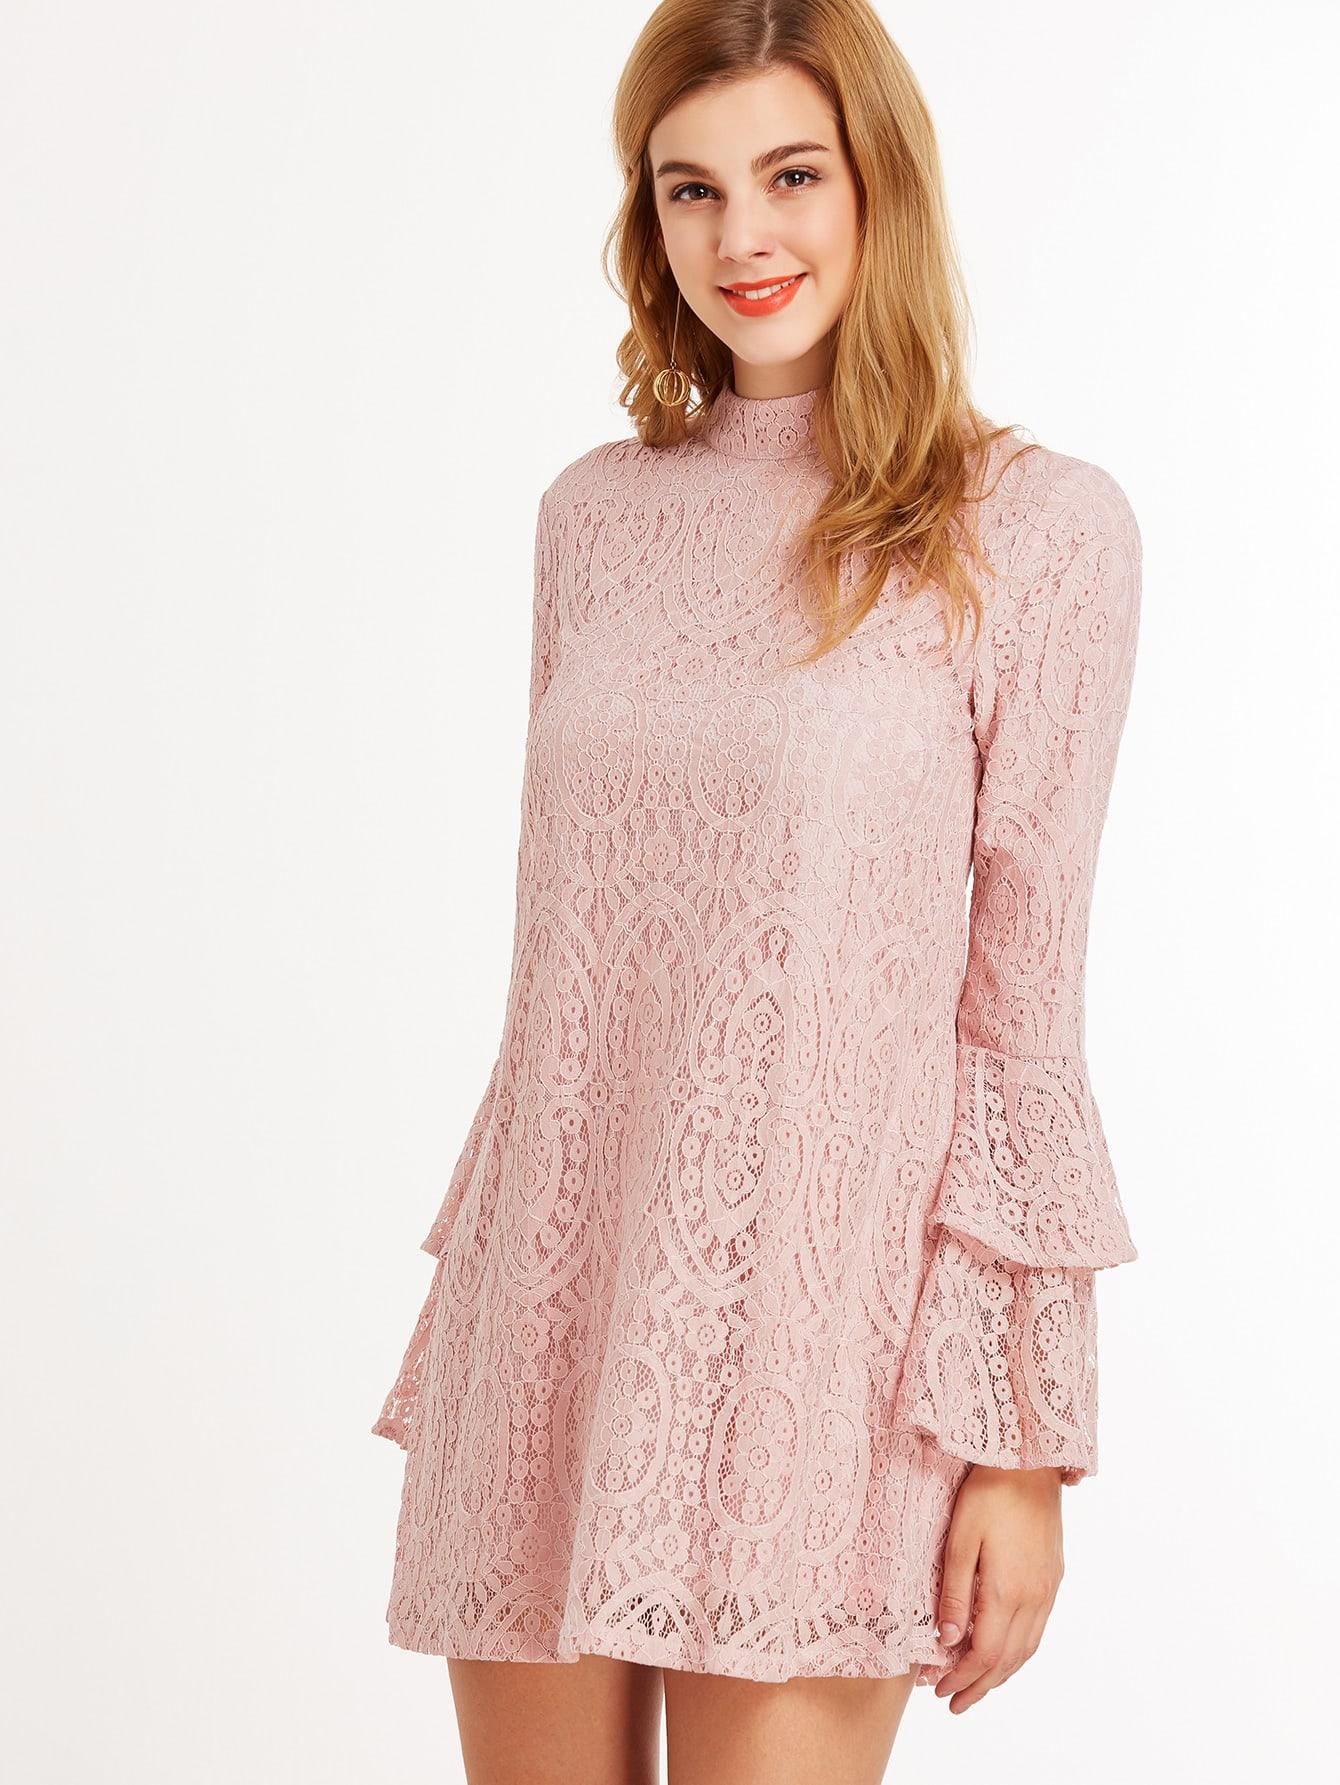 dress161117711_2